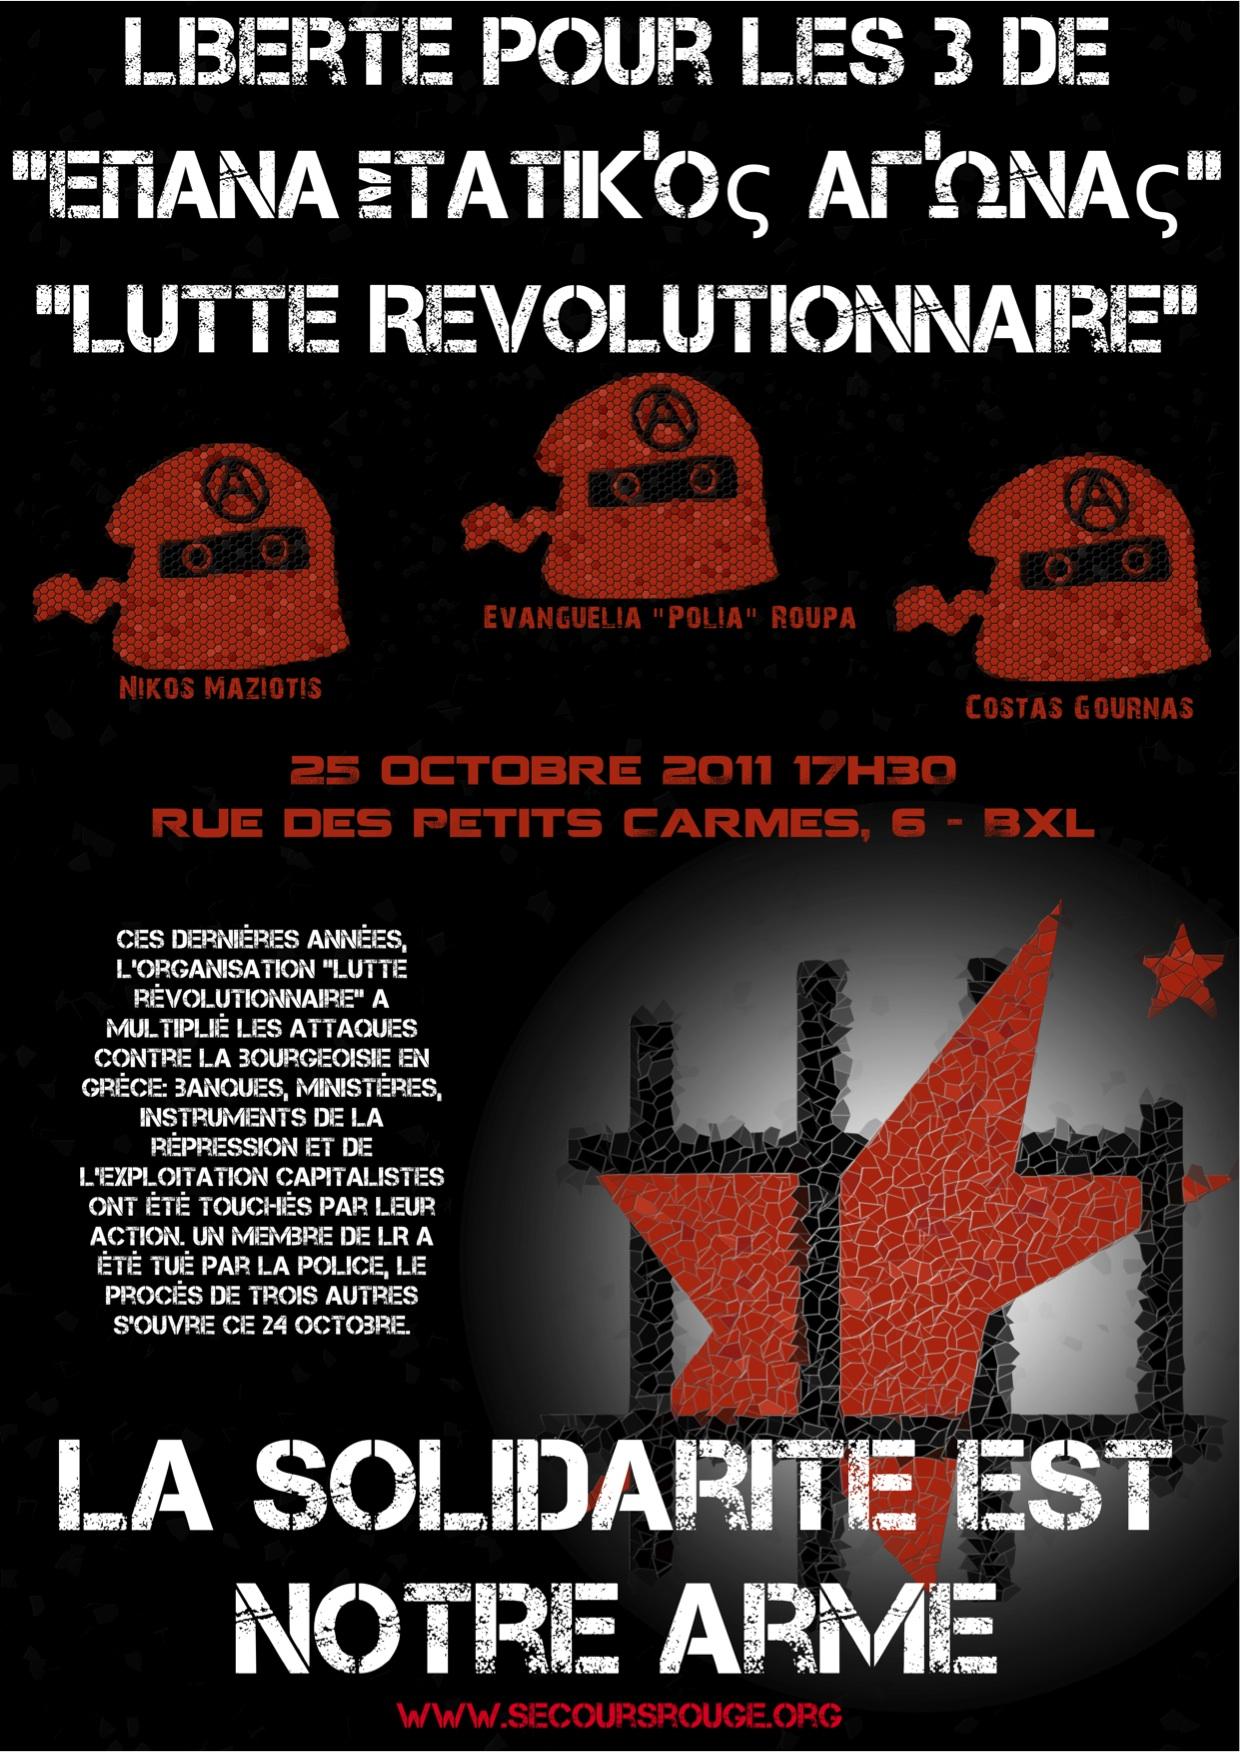 Affiche d'appel à la manifestation pour les prisonniers de 'Lutte Révolutionnaire' - Octobre 2011